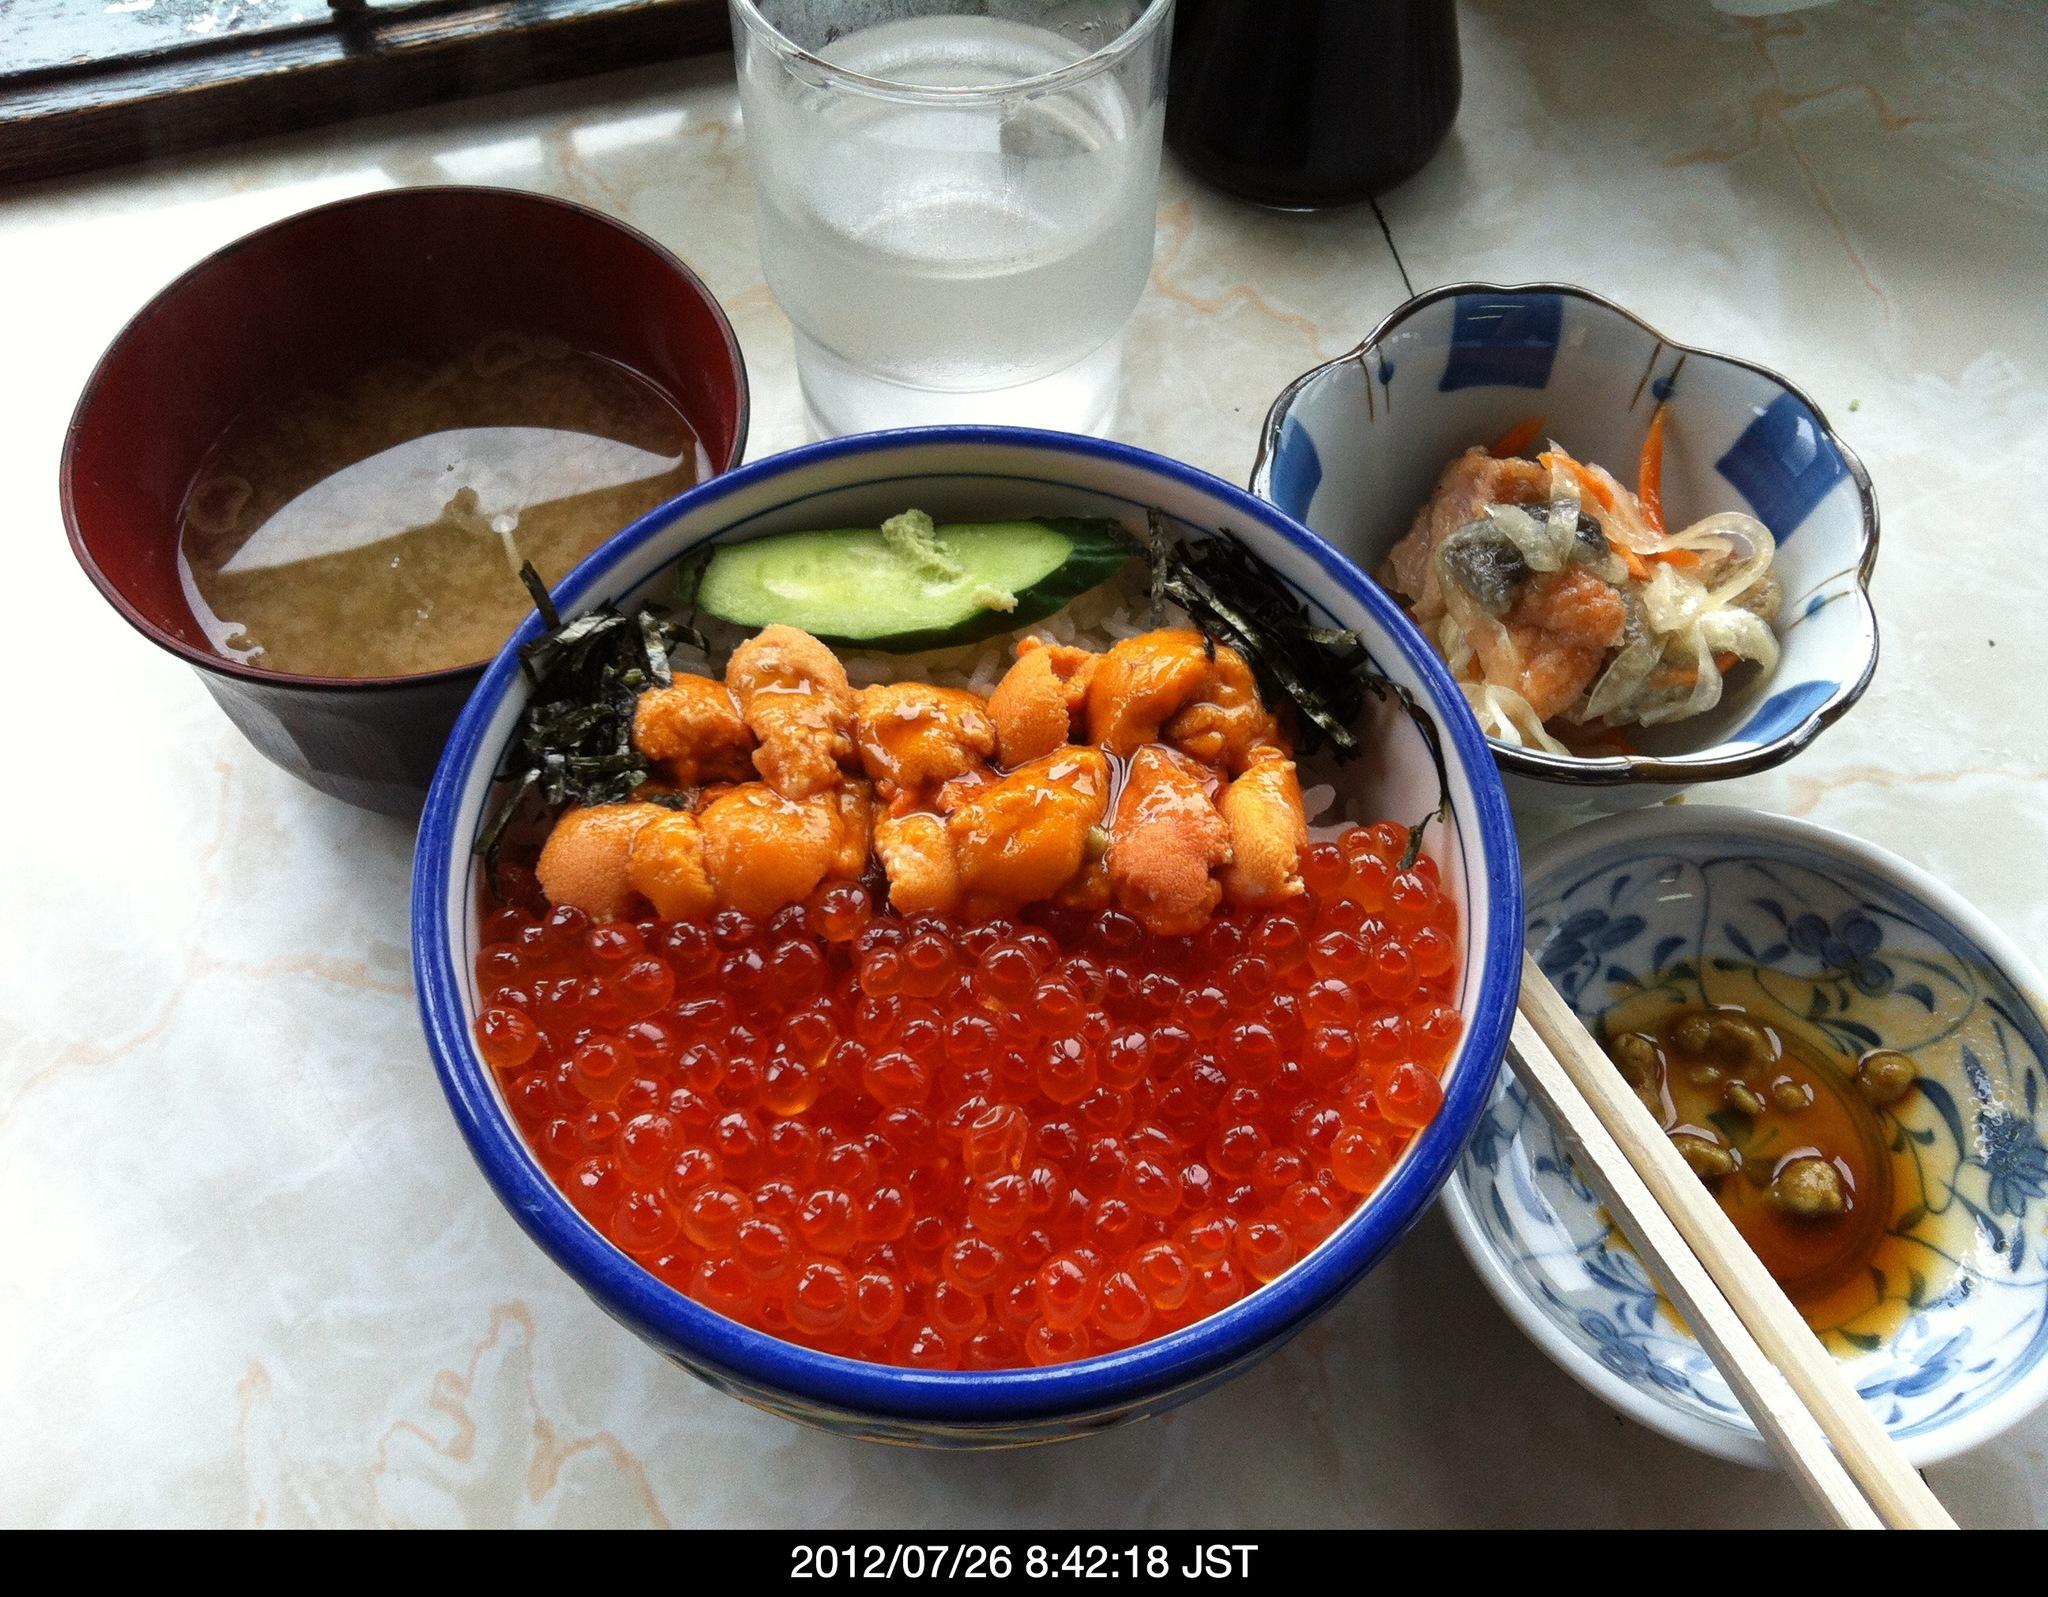 超豪華な朝飯『うにイクラ丼』2000円(汗)